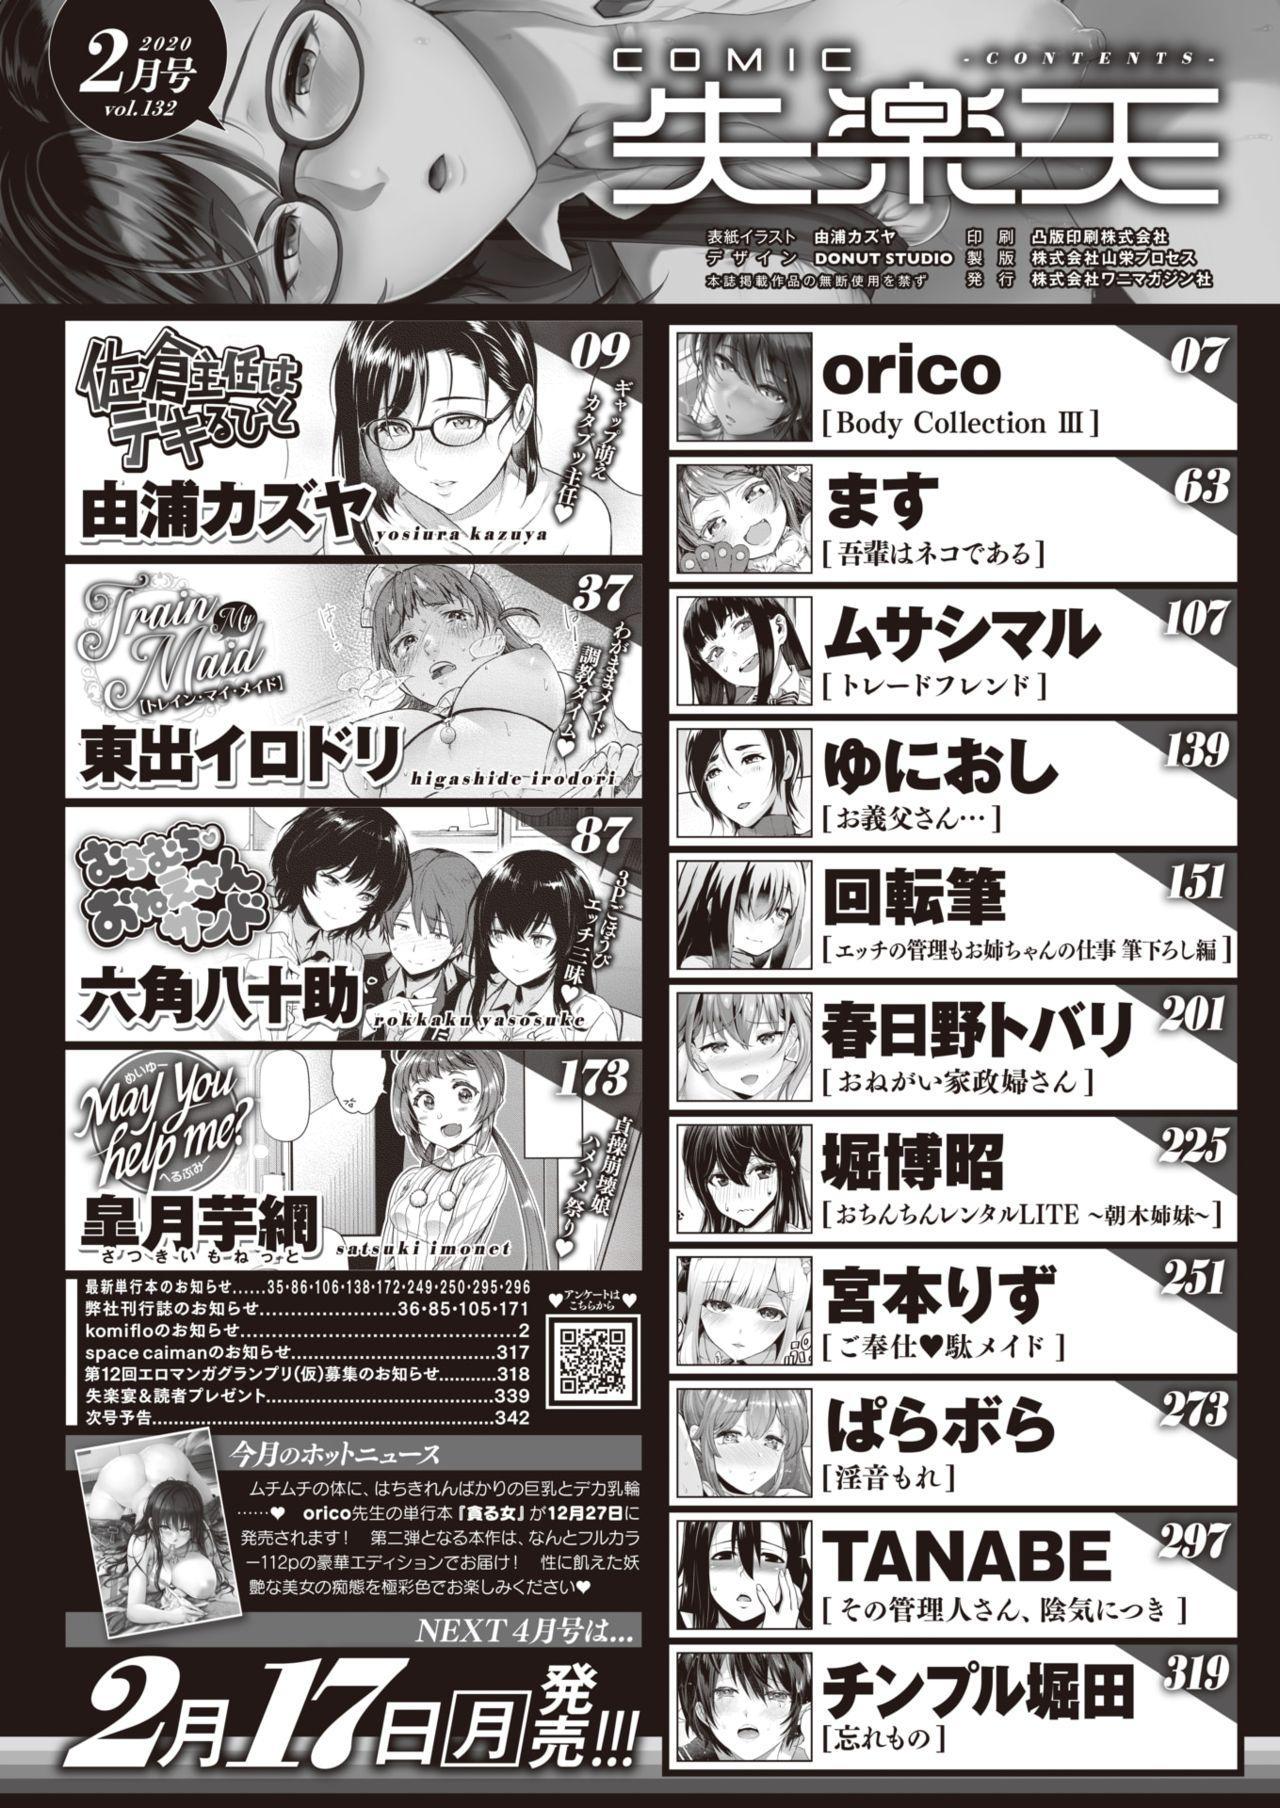 COMIC Shitsurakuten 2020-02 1